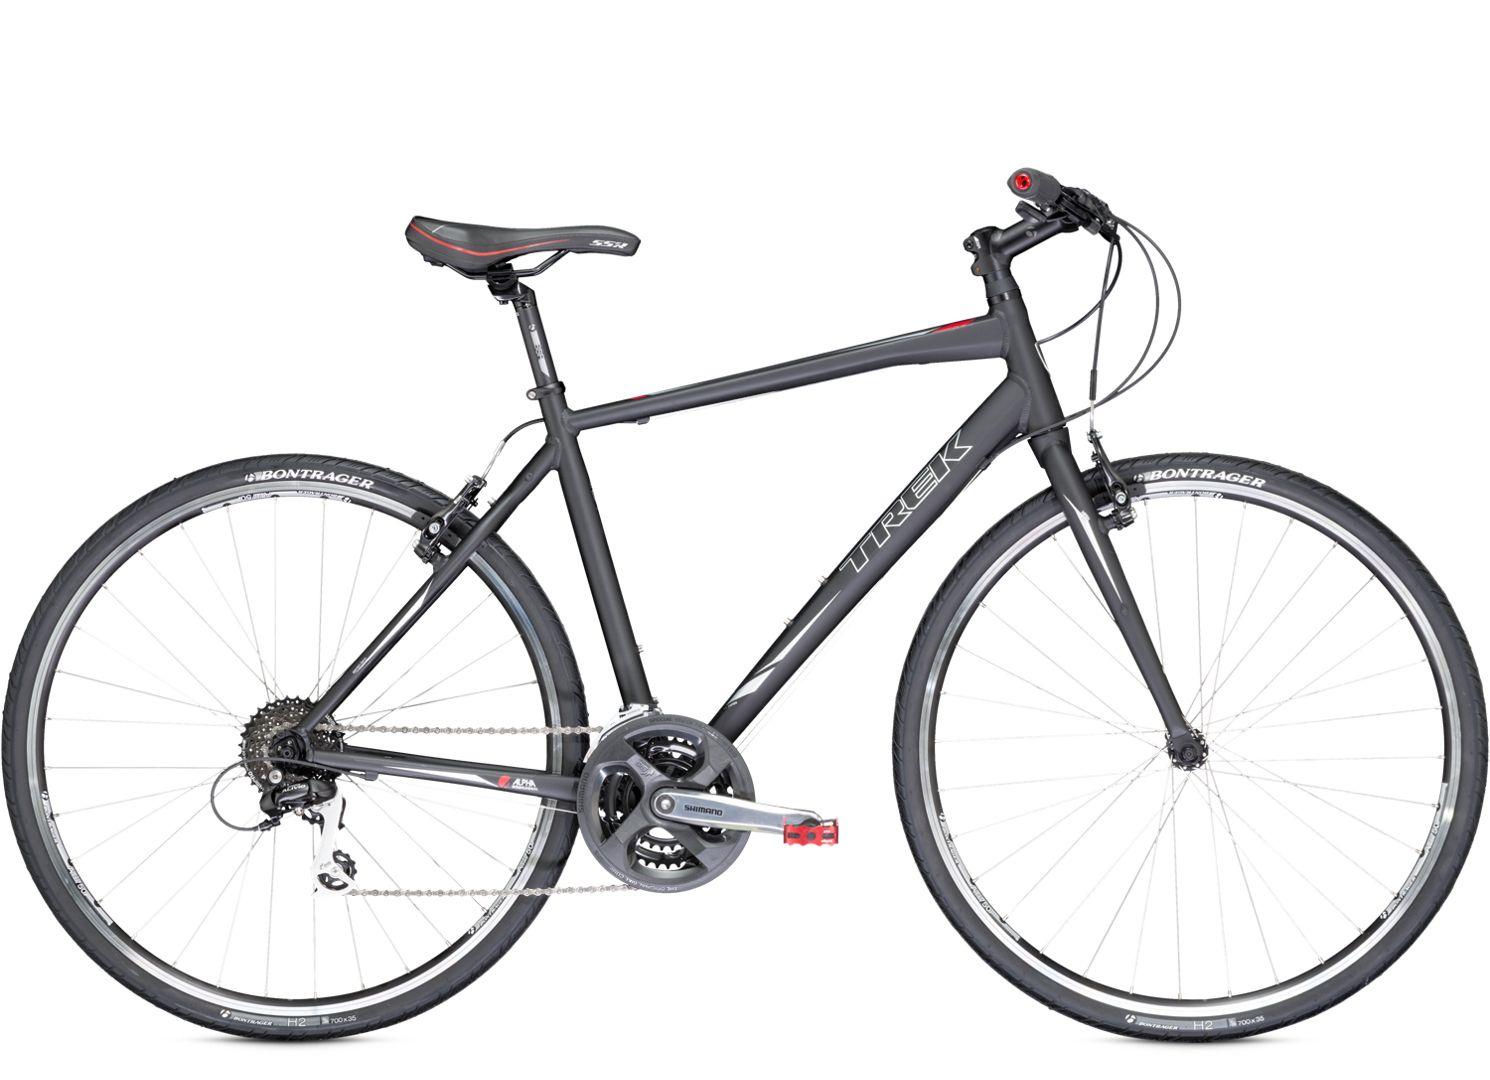 Fx Trek Bicycle Trek Bicycle Trek Bikes Hybrid Bike